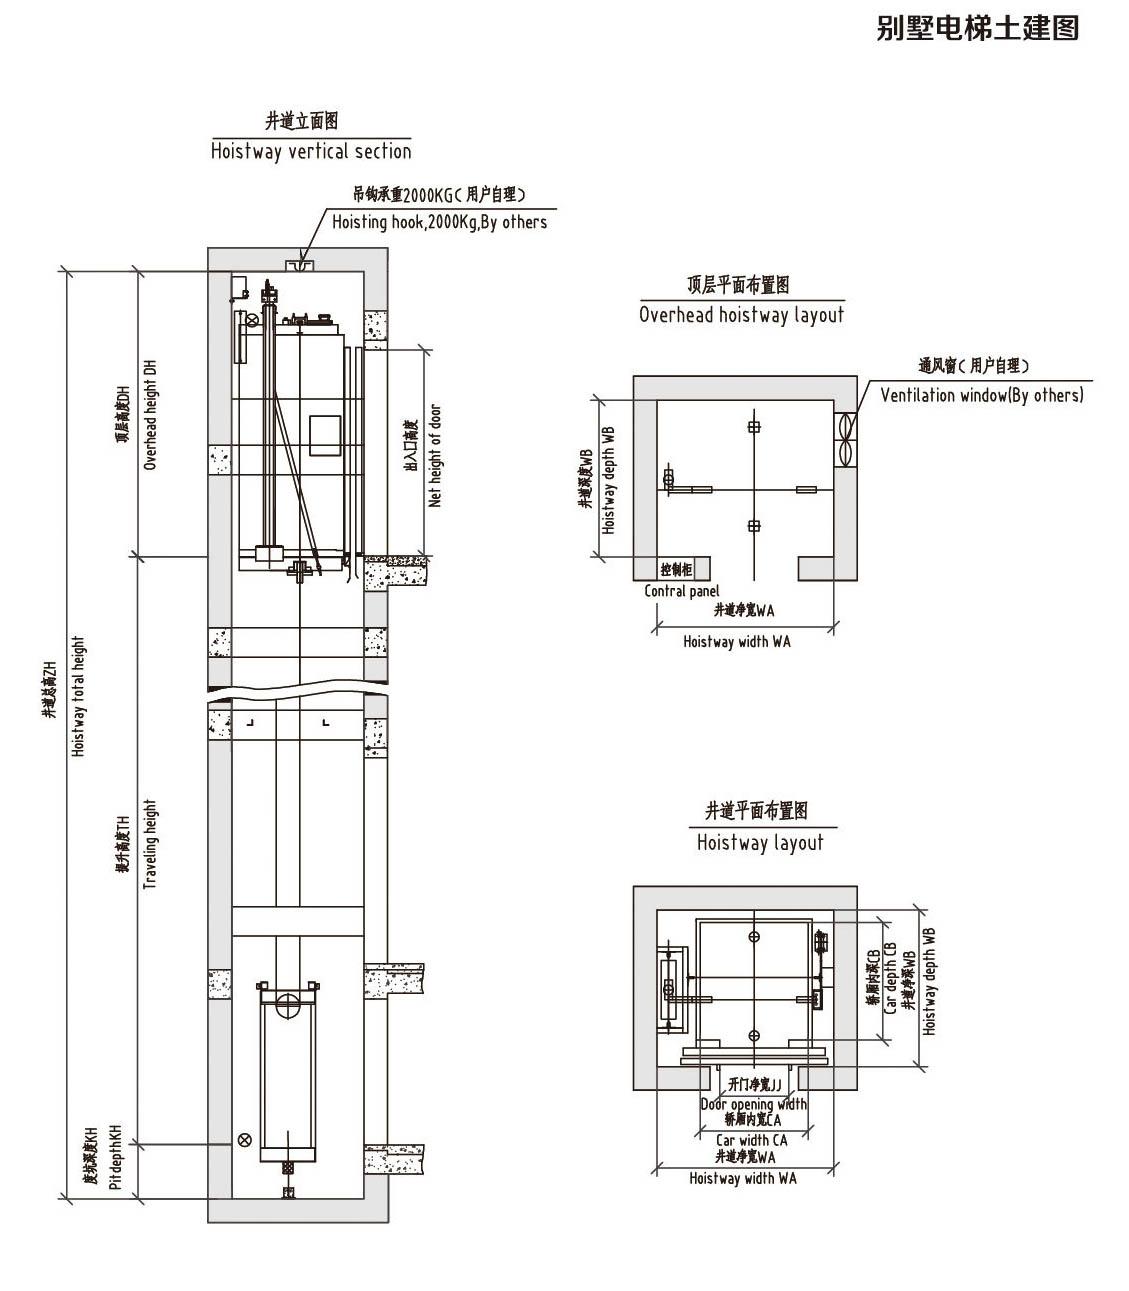 直电梯平面图素材